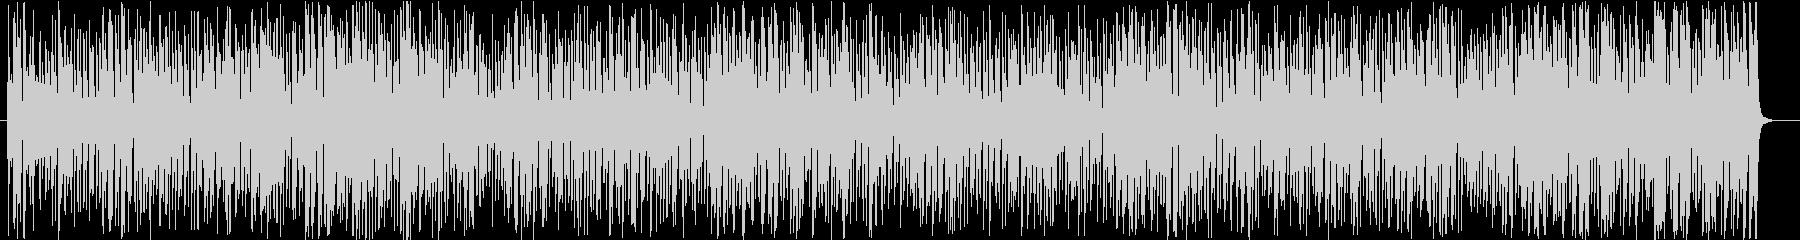 コミカルなチェイスシーンのジプシージャズの未再生の波形